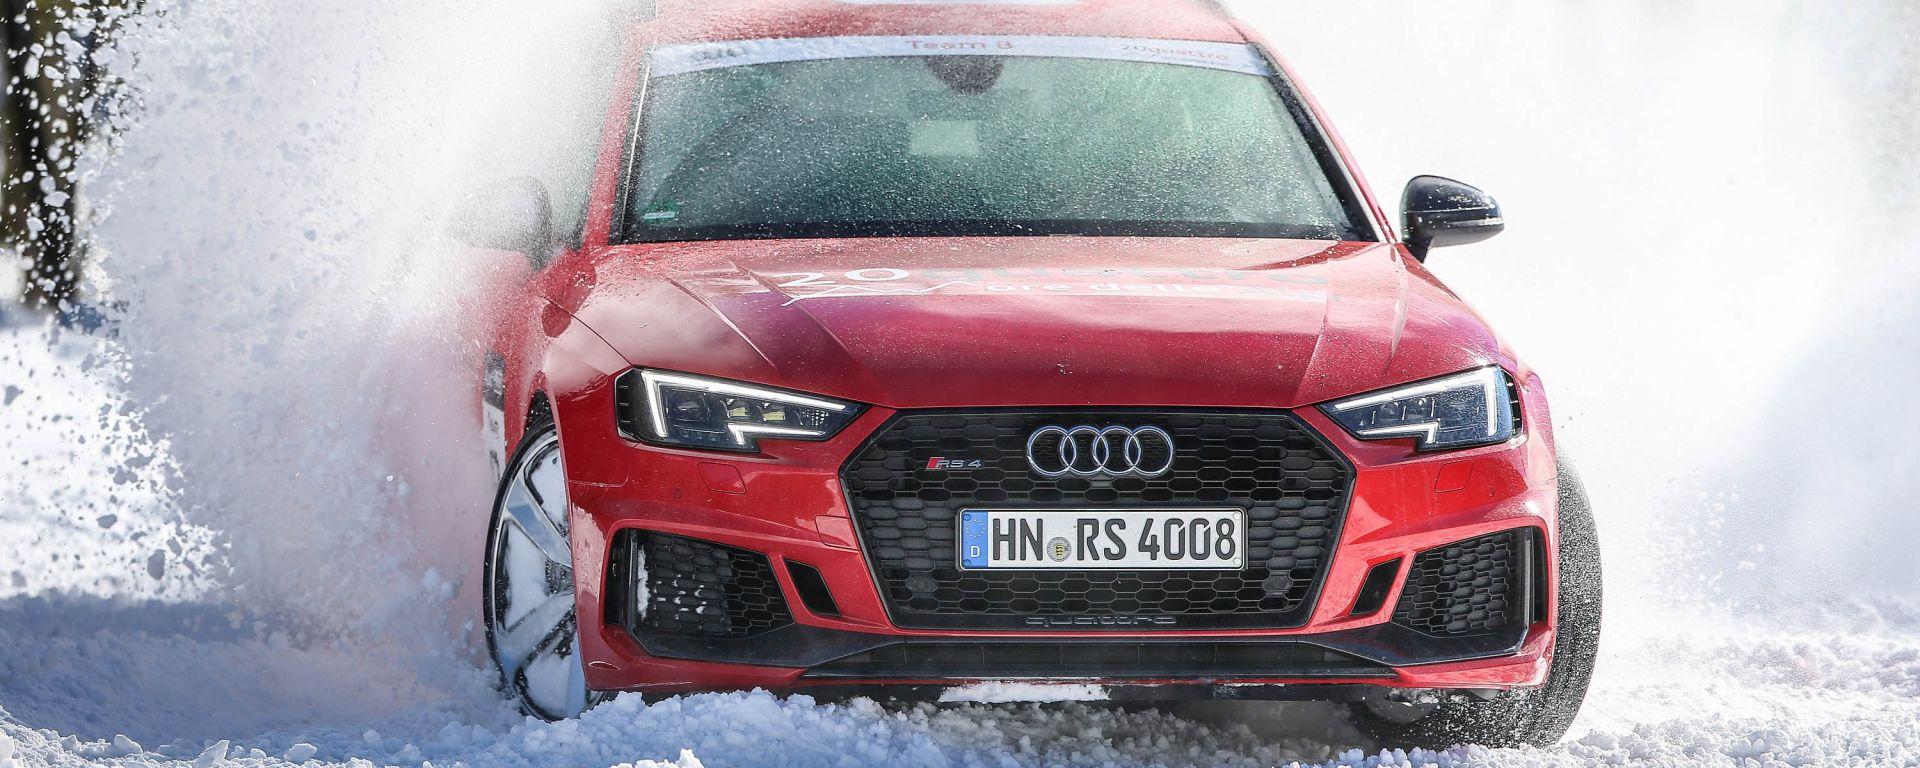 Con l'Audi RS 4 alla 20quattro ore delle Alpi 2018